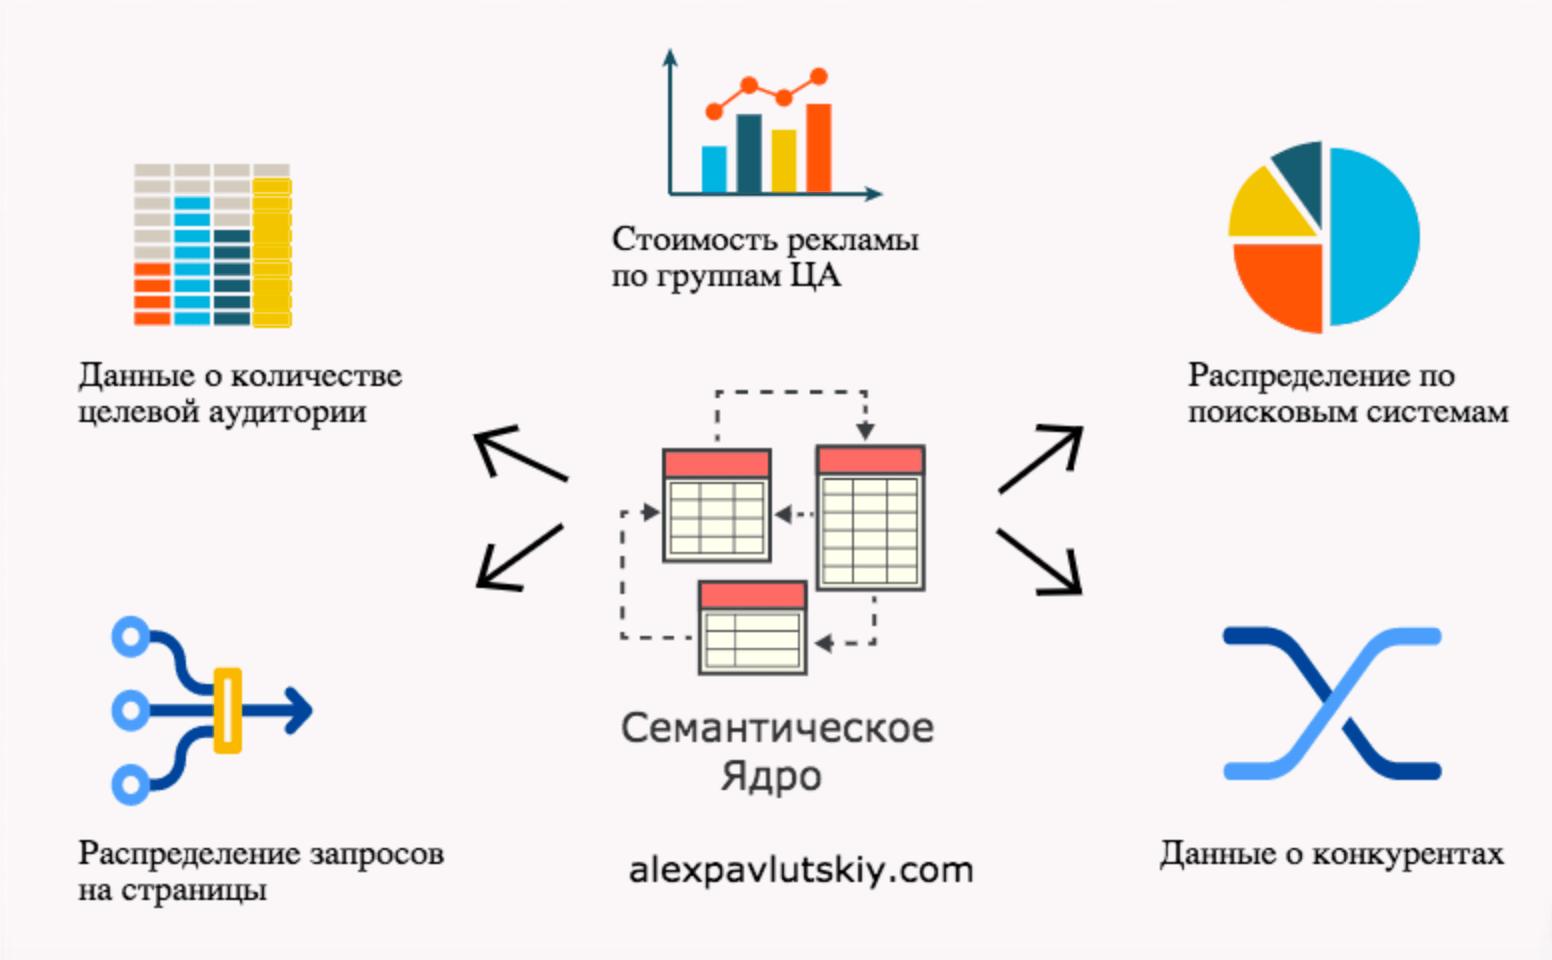 semanticheskoe-yadro-min